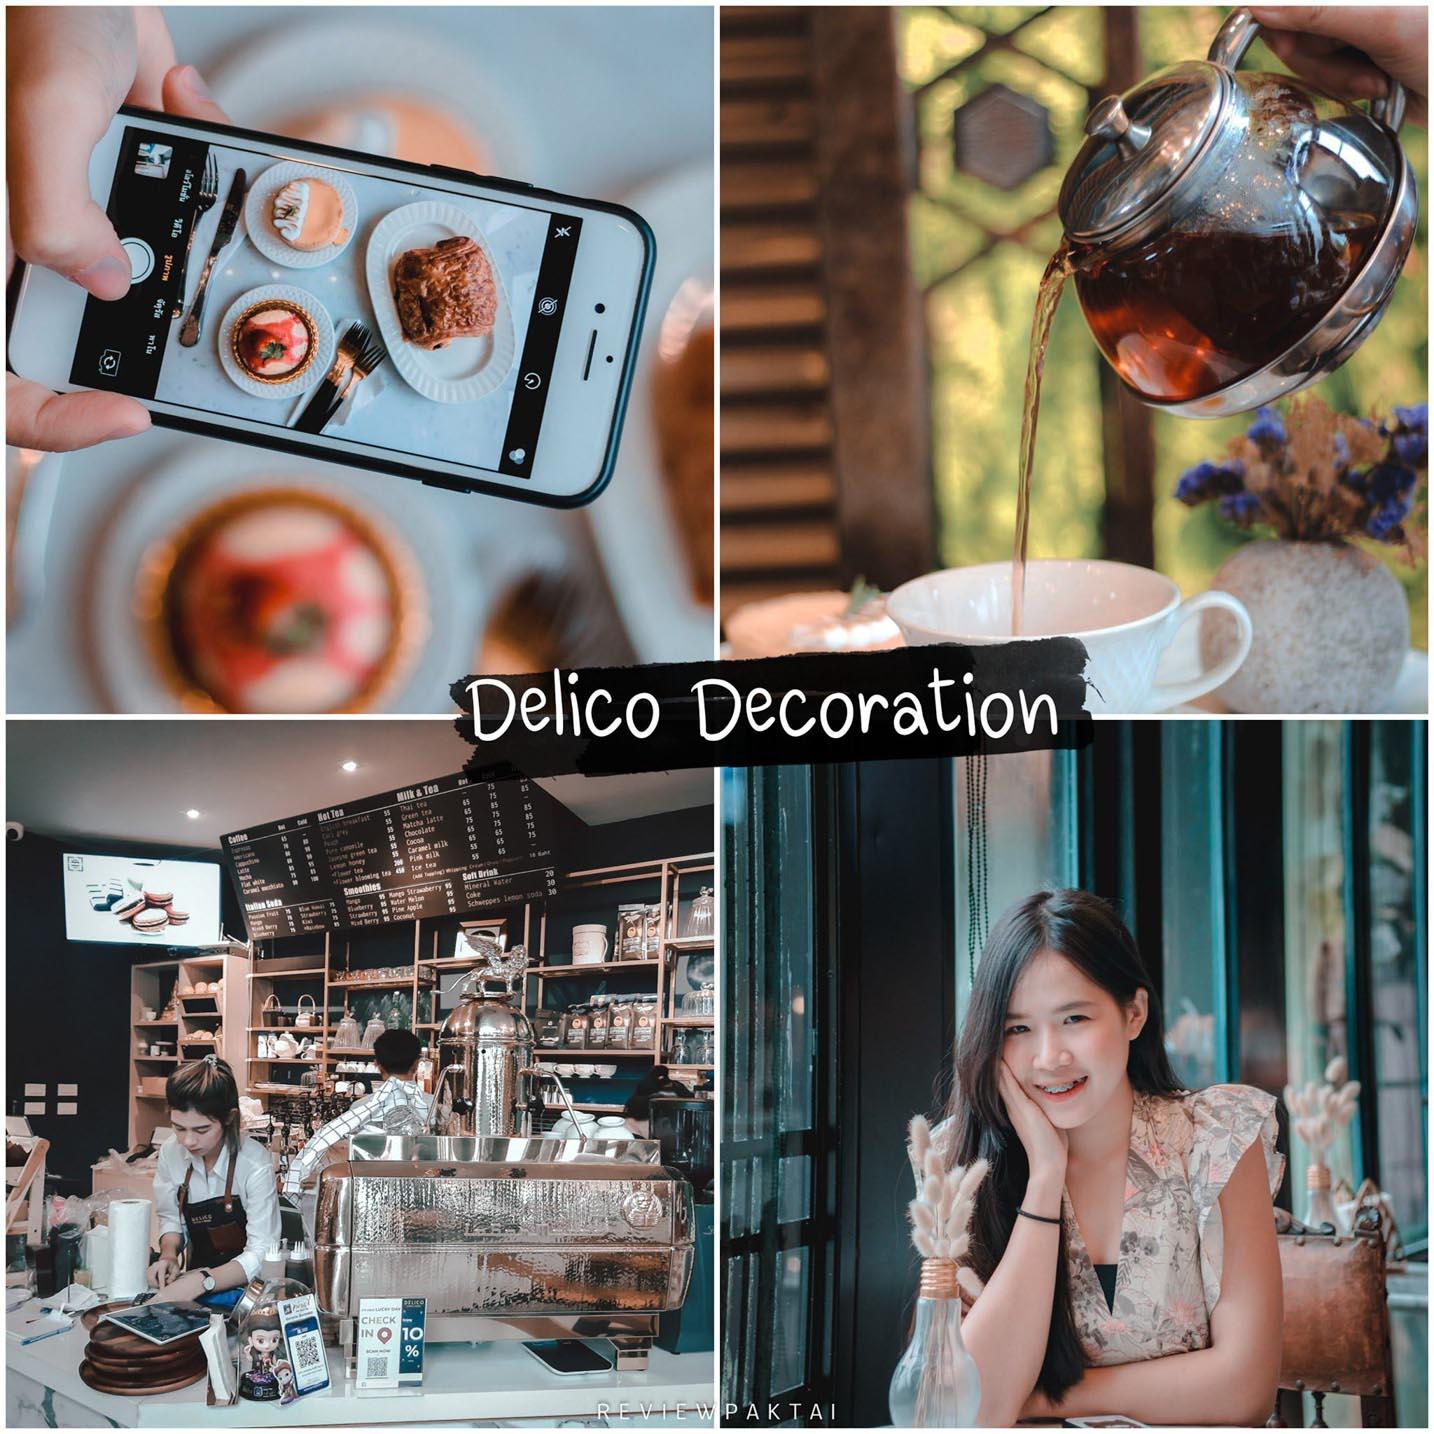 ร้าน Delico decoration coffee and dessert คาเฟ่-เบเกอรี่ ตกแต่งสไตล์ยุโรป มุมถ่ายรูปเยอะไปปักหมุดเช็คอินกัน